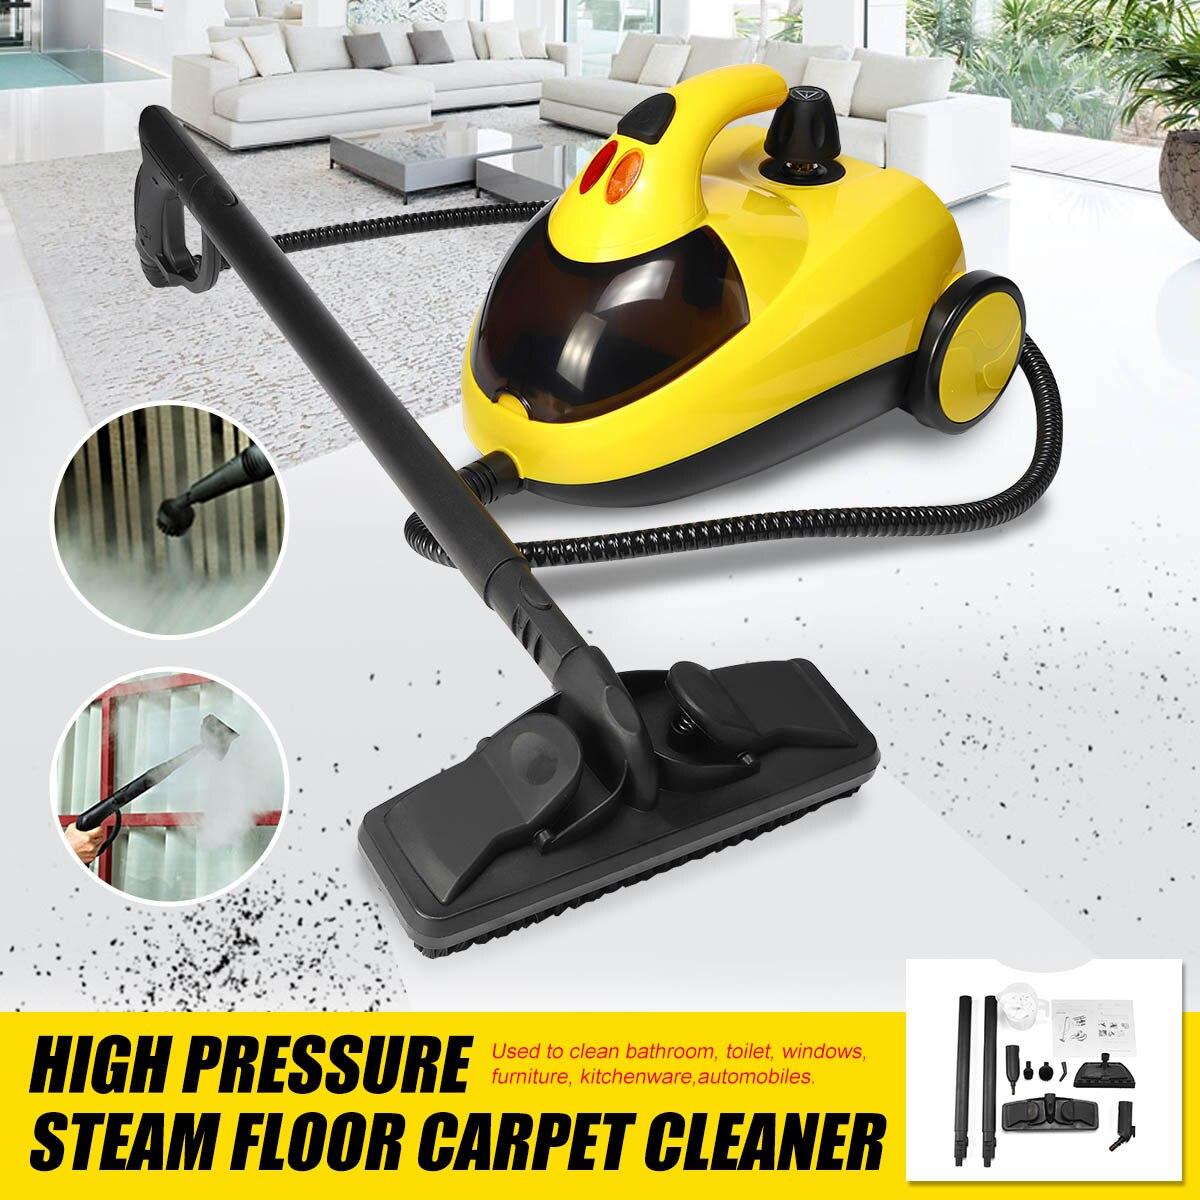 De alta Pressão máquina de Lavar Máquina de Limpeza A Vapor Chão Tapete Limpo 13in1 AU220V 1.5L4.0 Bar 1800 W 360 Roda para o Banheiro Limpo carro